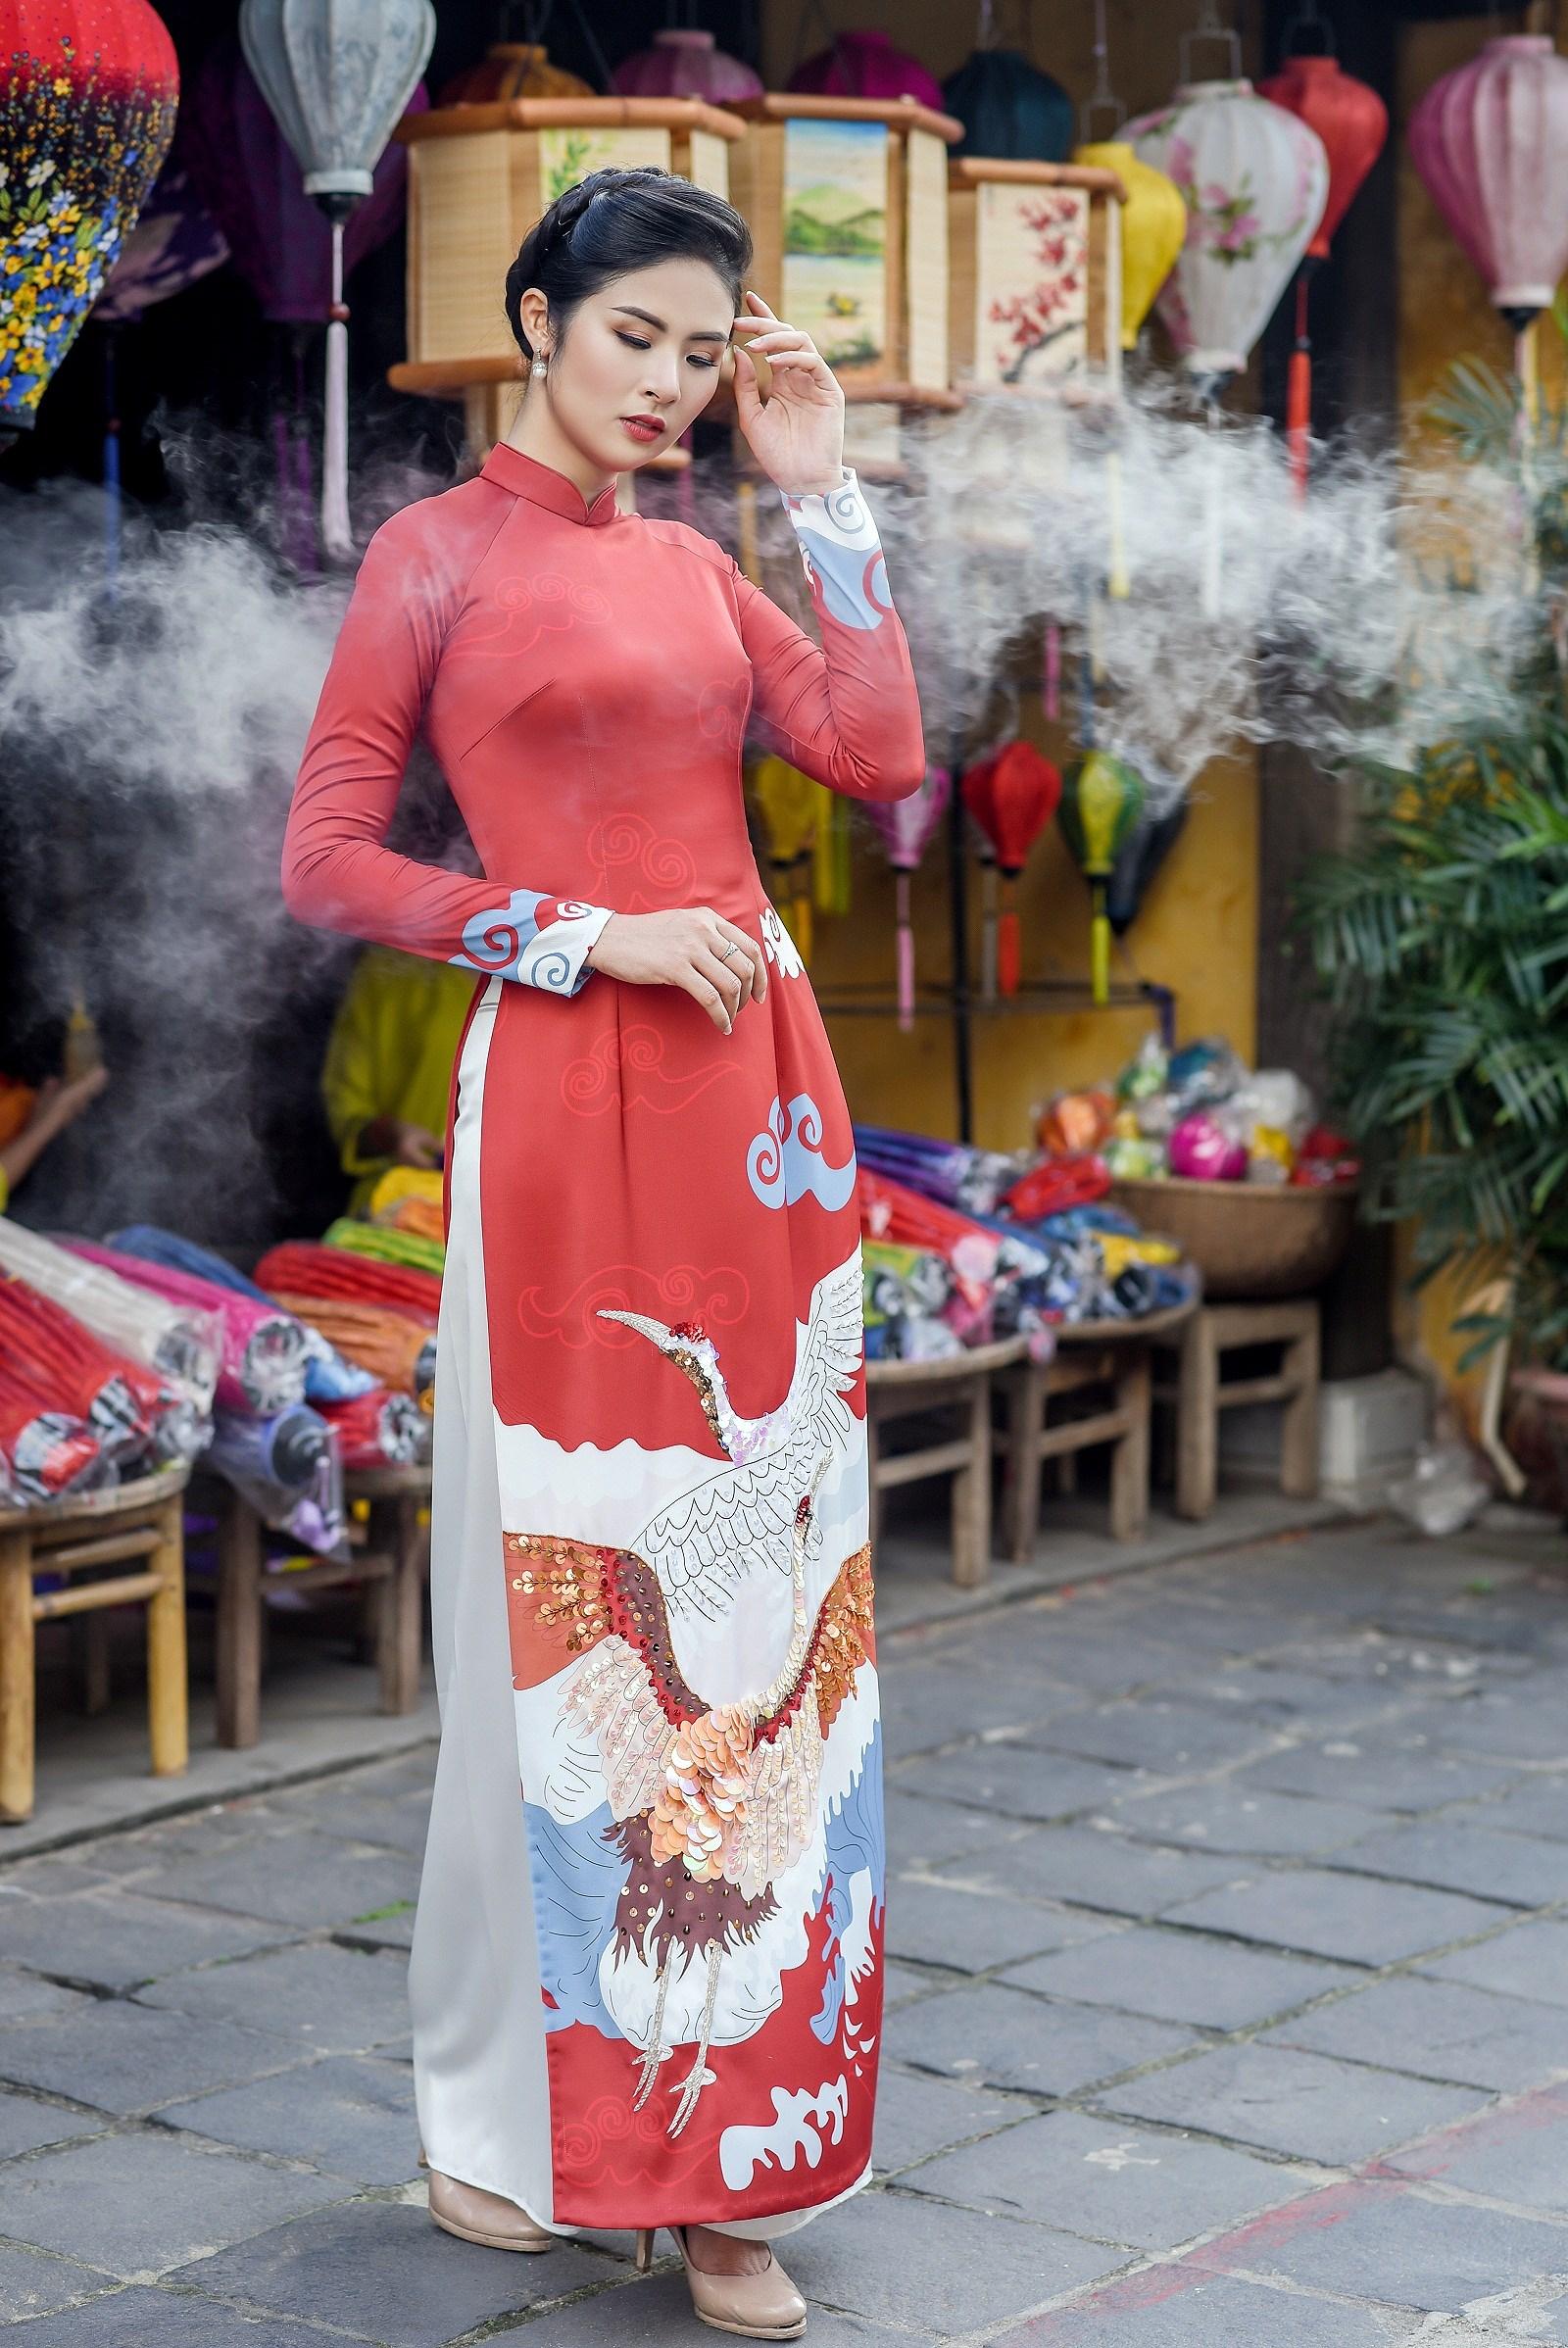 Hoa hậu Ngọc Hân thiết kế áo dài lấy cảm hứng từ cuộc đời Đức Phật Thích Ca Ảnh 6